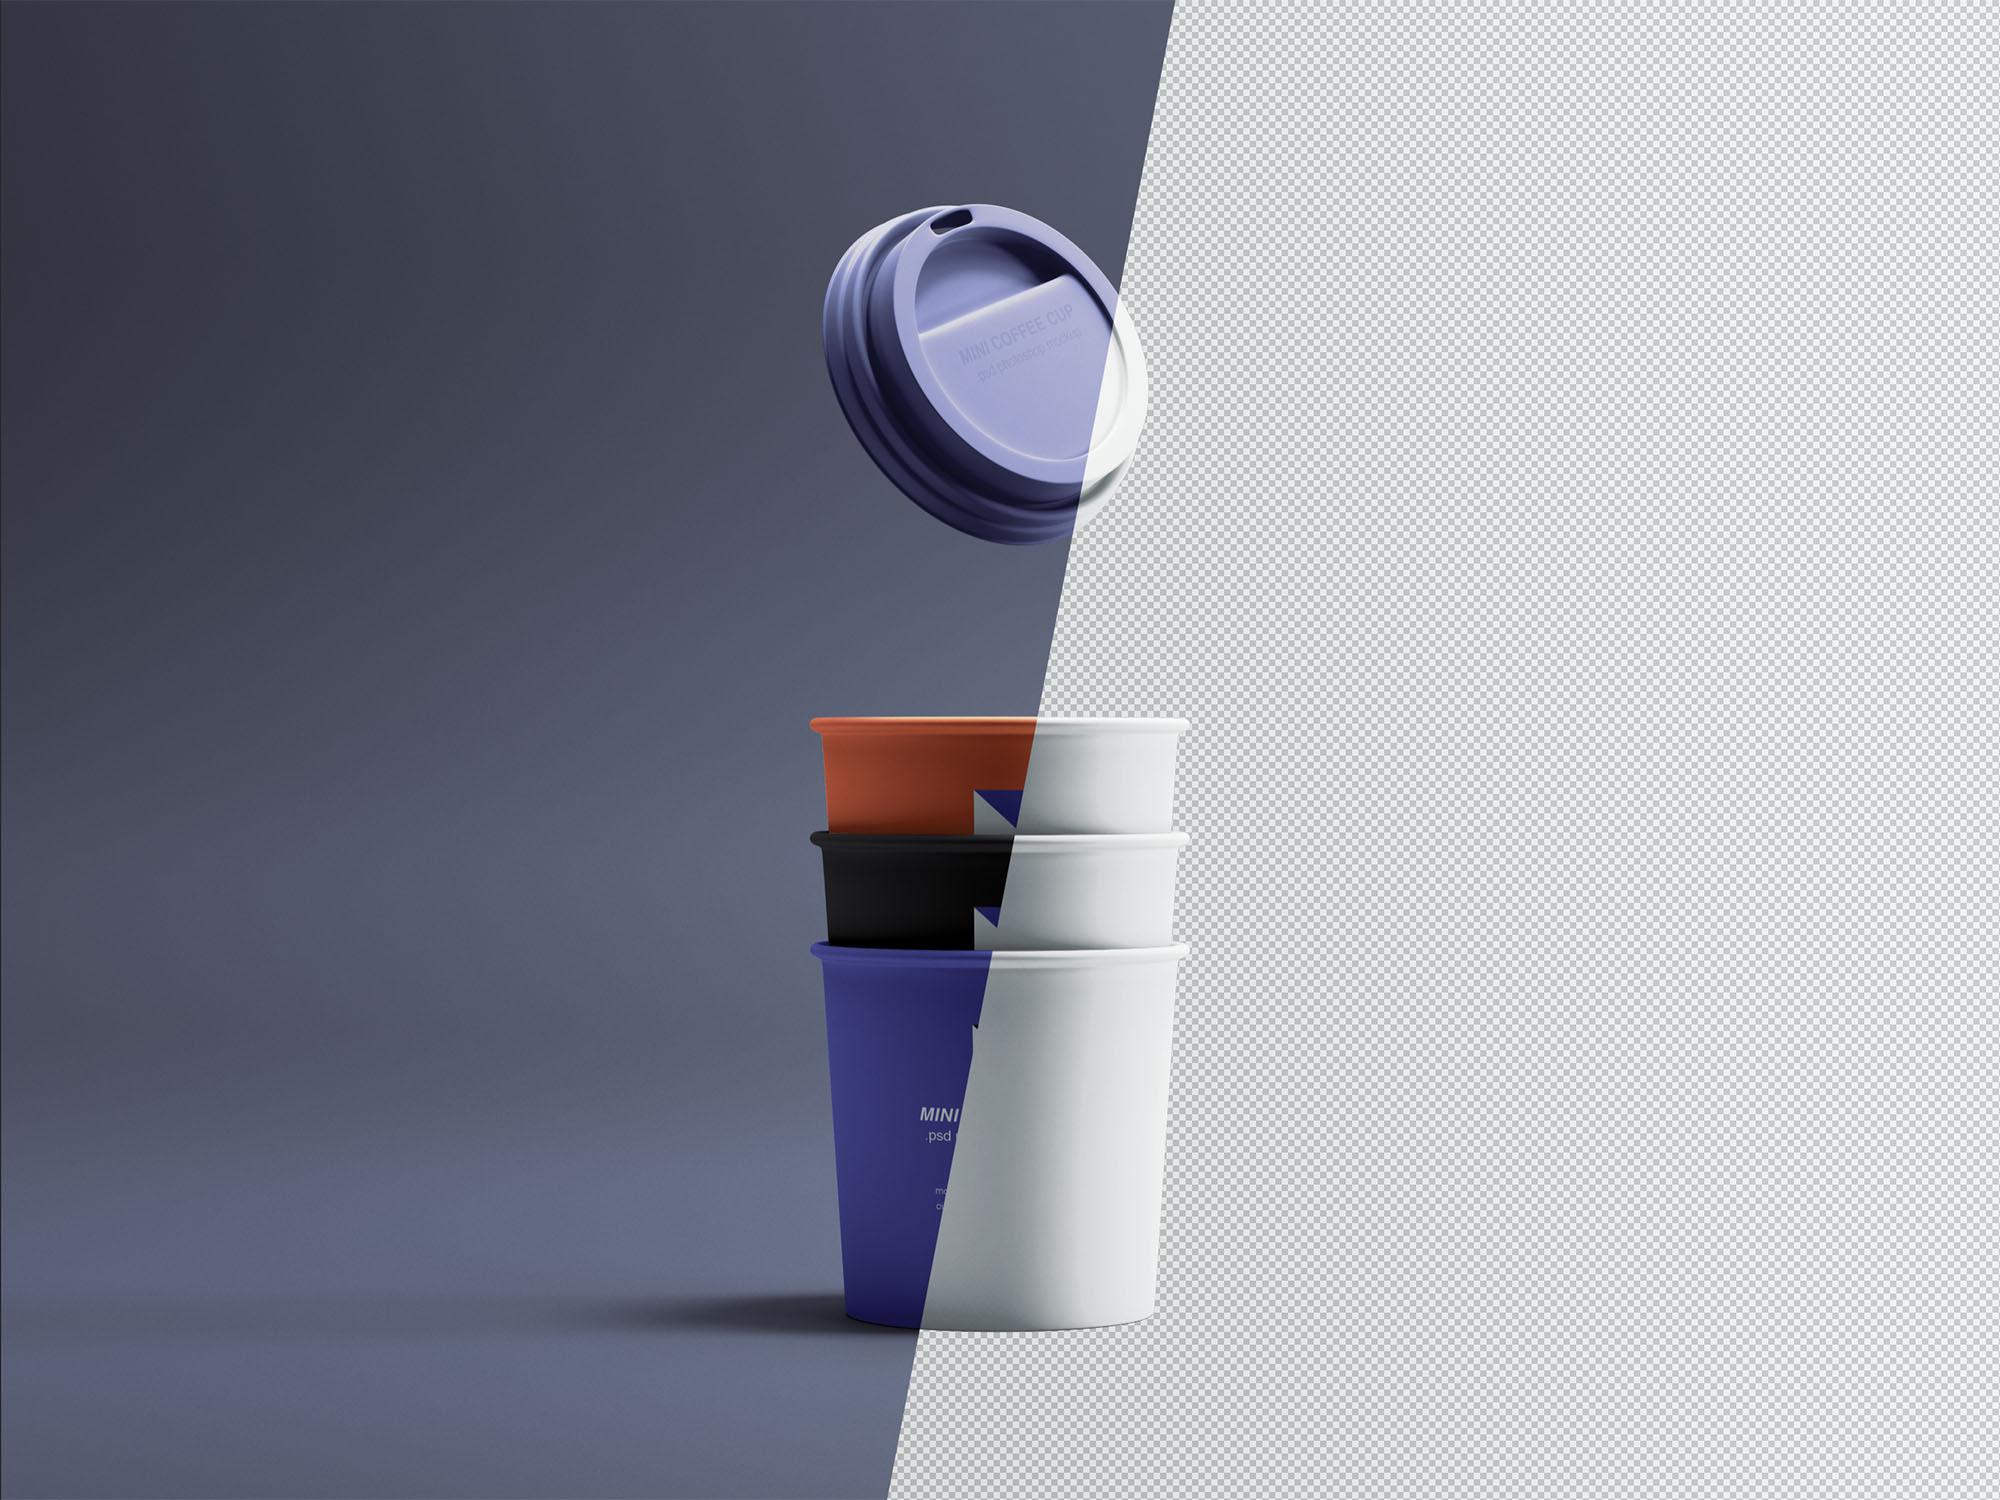 热饮咖啡杯样机素材模板下载Mini Coffee Cups Mockup